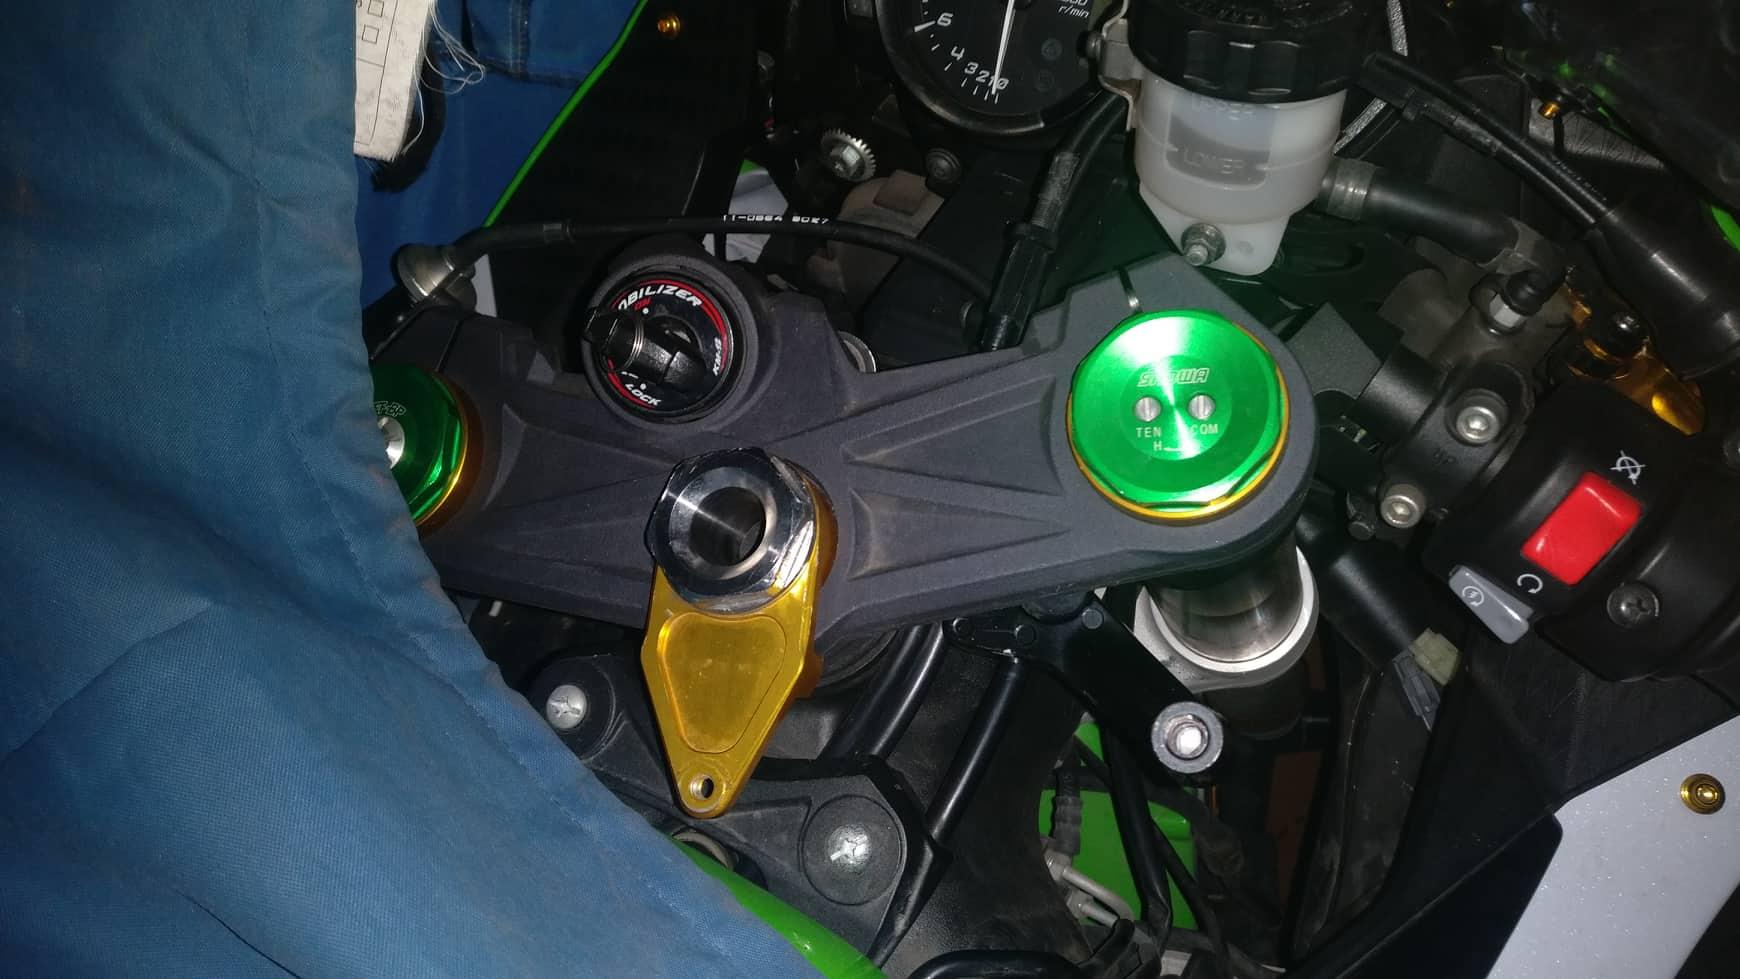 ZX6R 2013+ Steering Damper-54377139_387921955354531_8774803109839896576_n.jpg